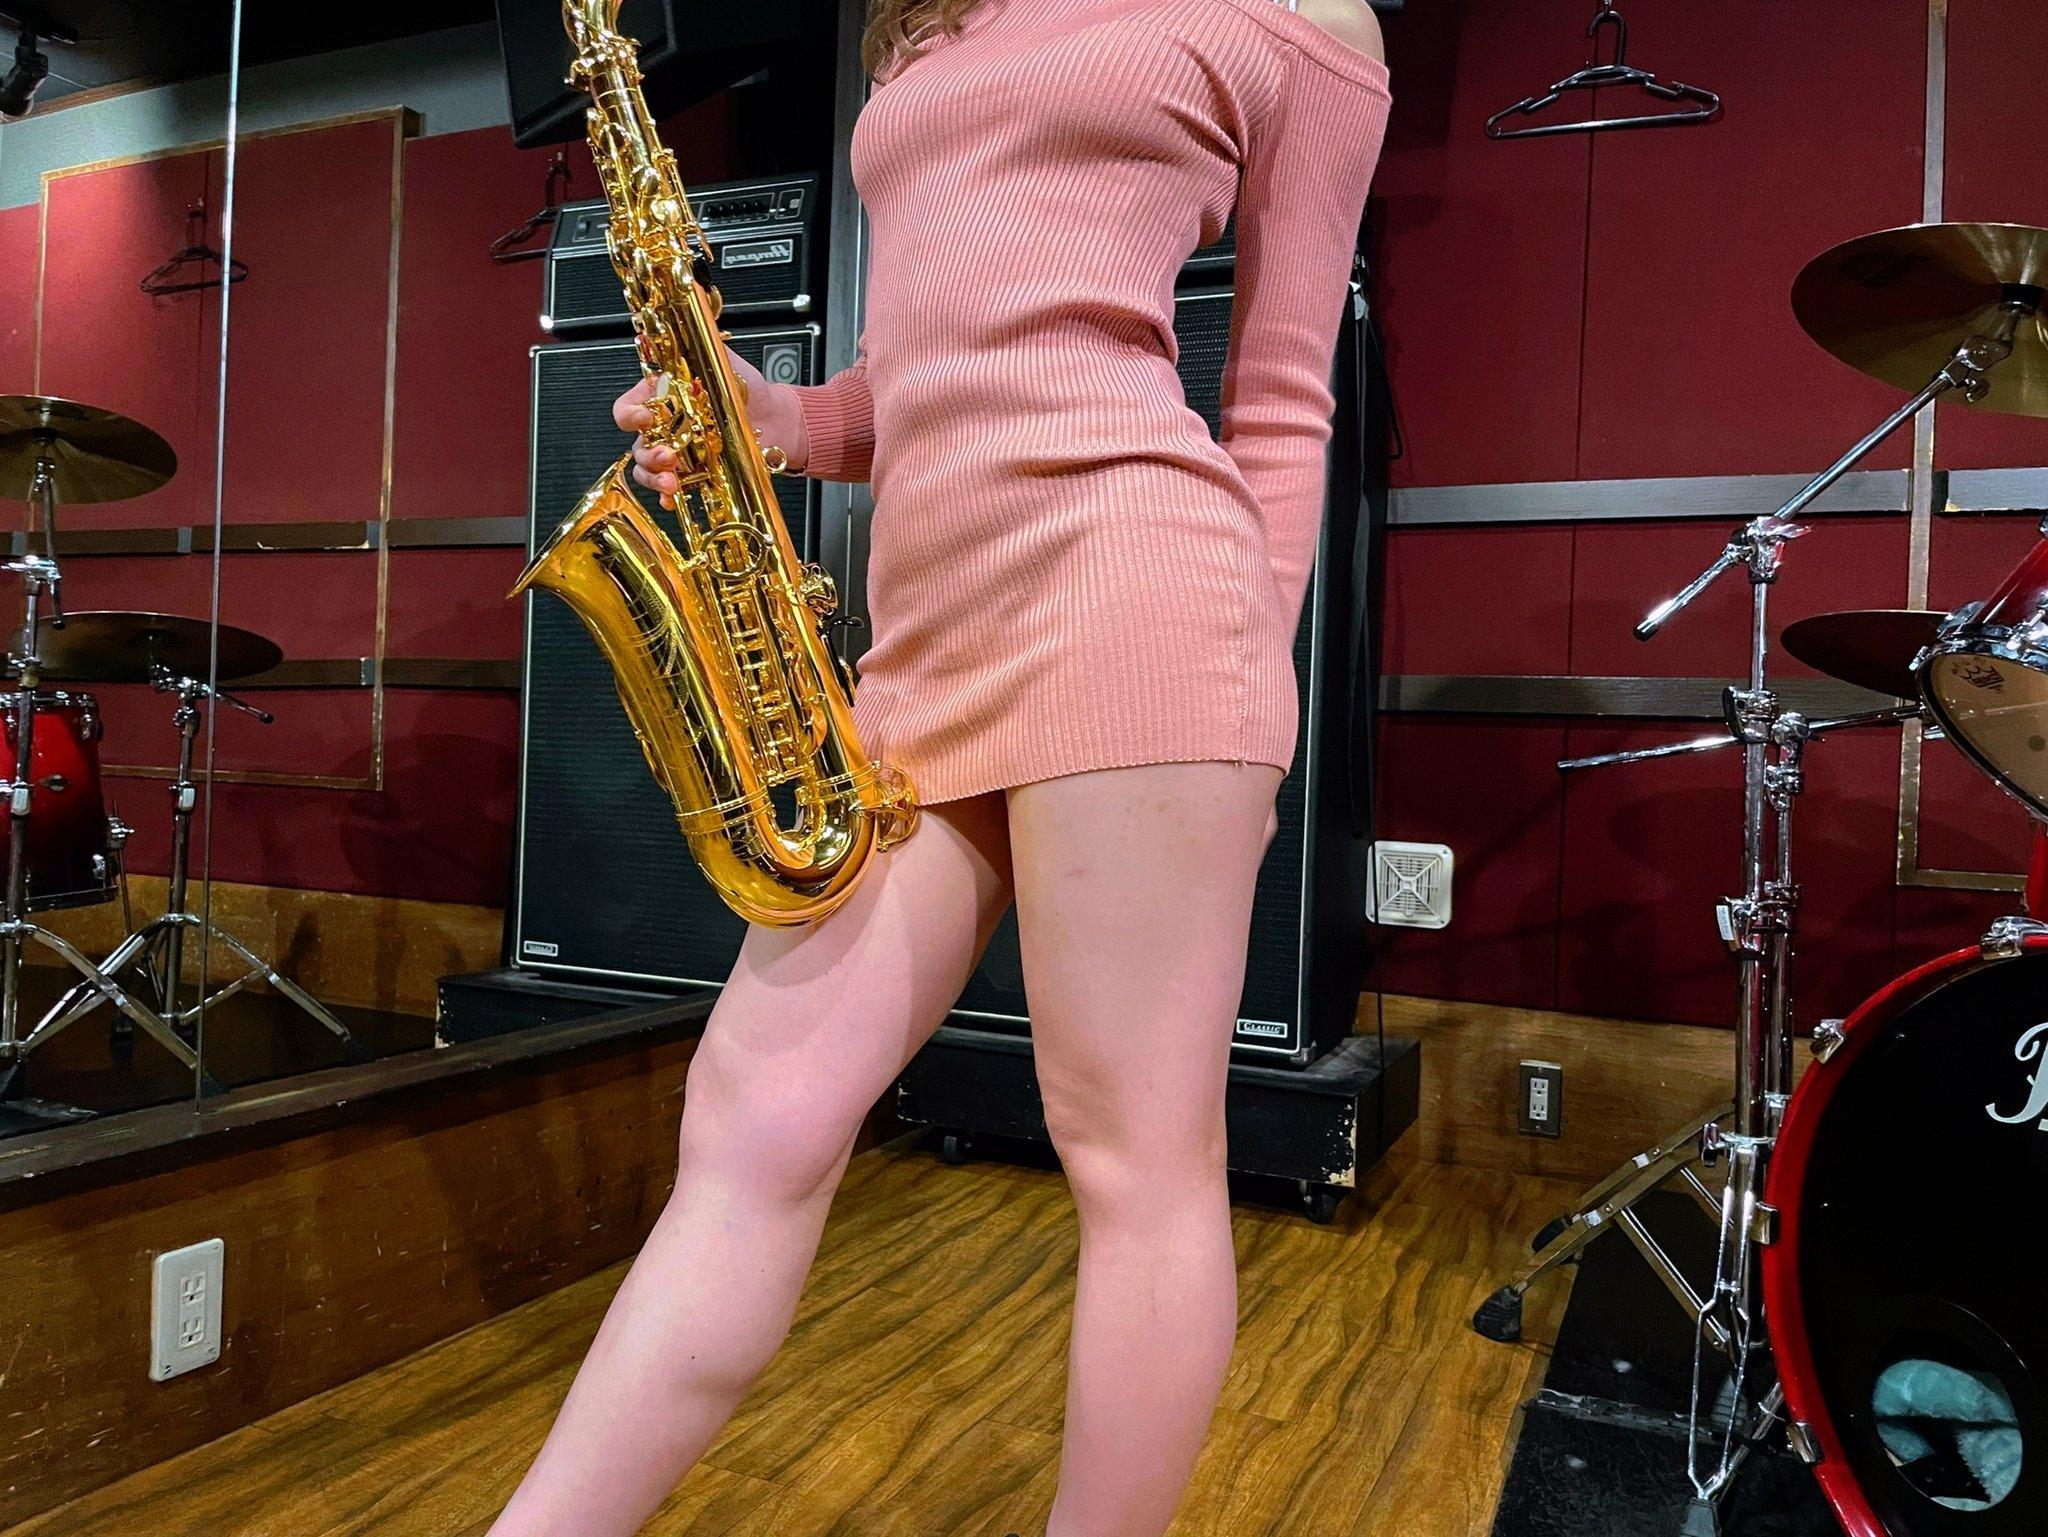 我叫你吹!《日本女孩YT吹萨克斯風》众人目光一直向下飘移!